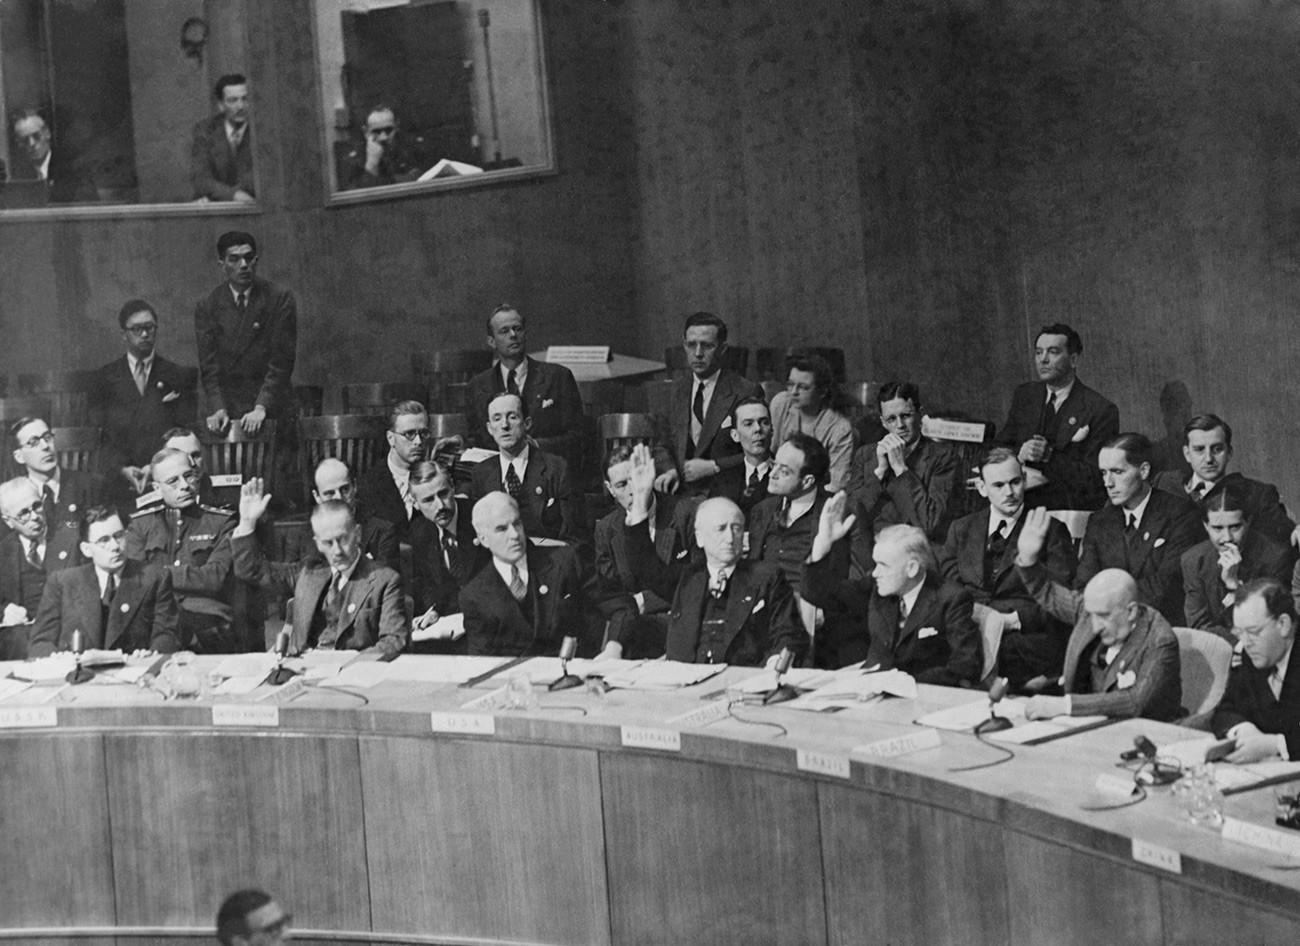 Der Sicherheitsrat der Vereinten Nationen befürwortet eine weitere Diskussion über den Streit zwischen dem Iran und der Sowjetunion über Aserbaidschan.